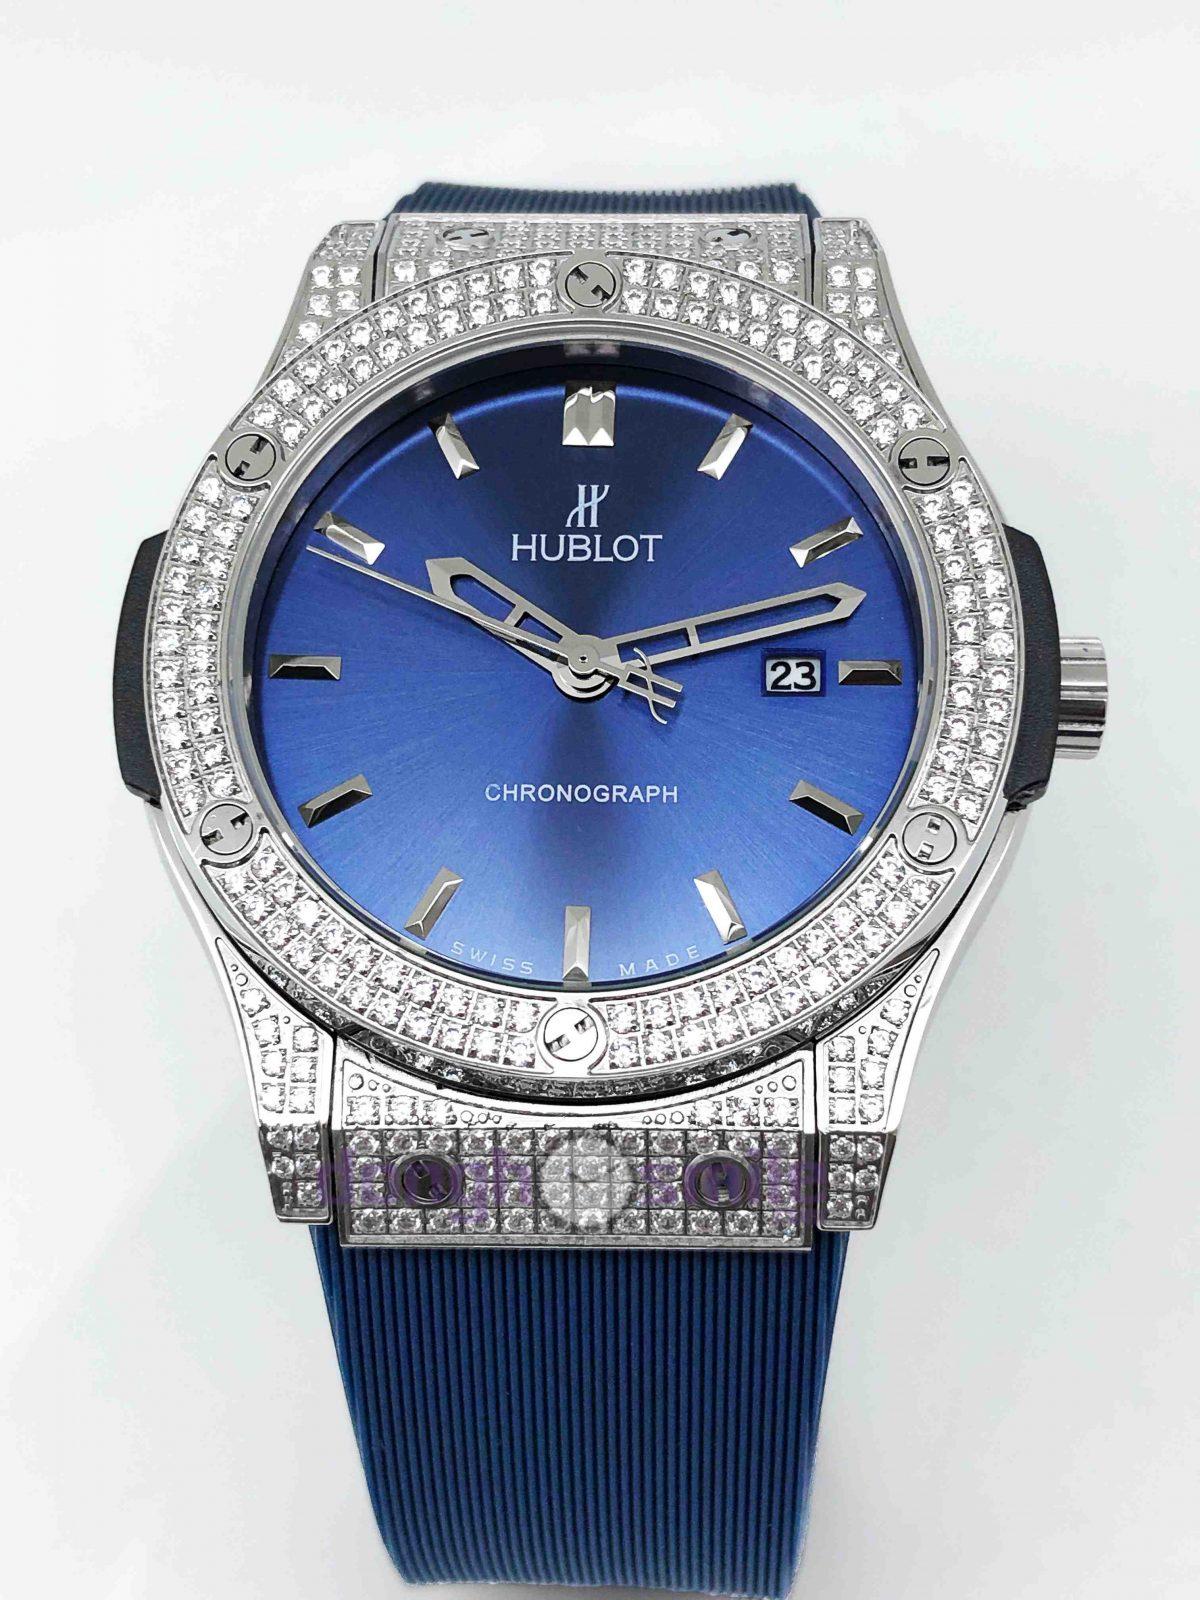 Nên phối đồng hồ Hublot dây xanh với trang phục nào